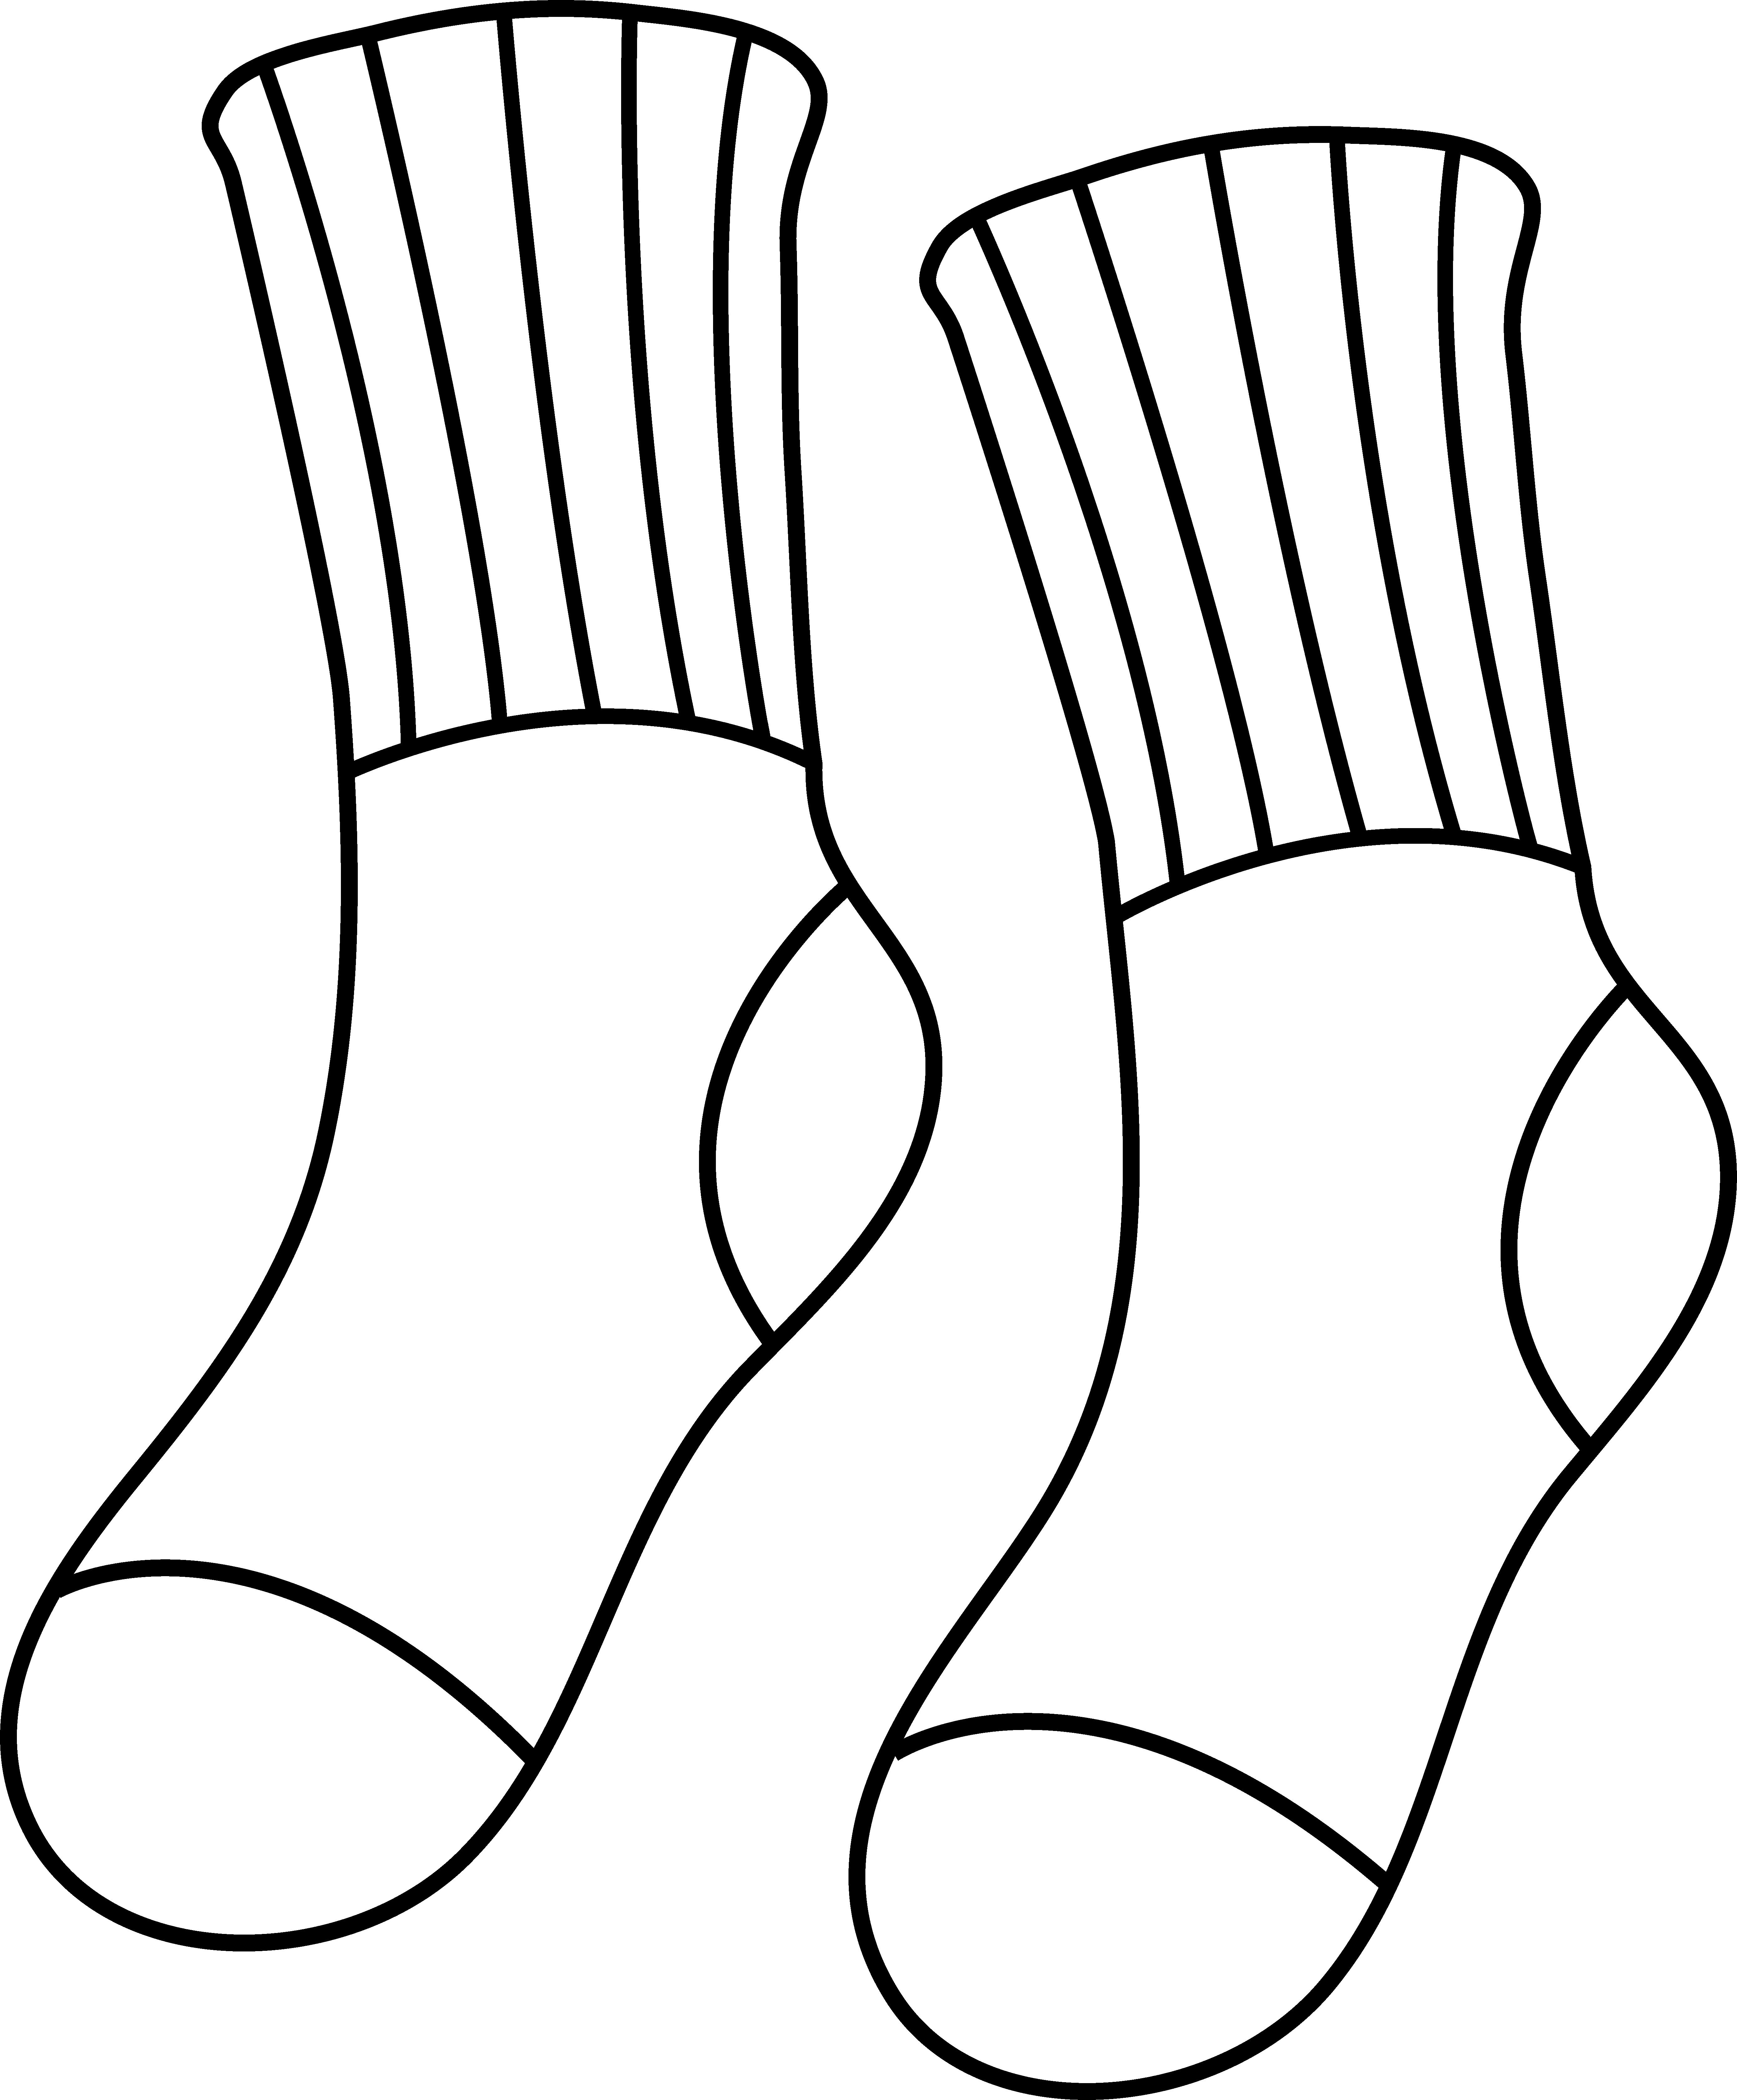 White clipart socks. Baseball sock outline